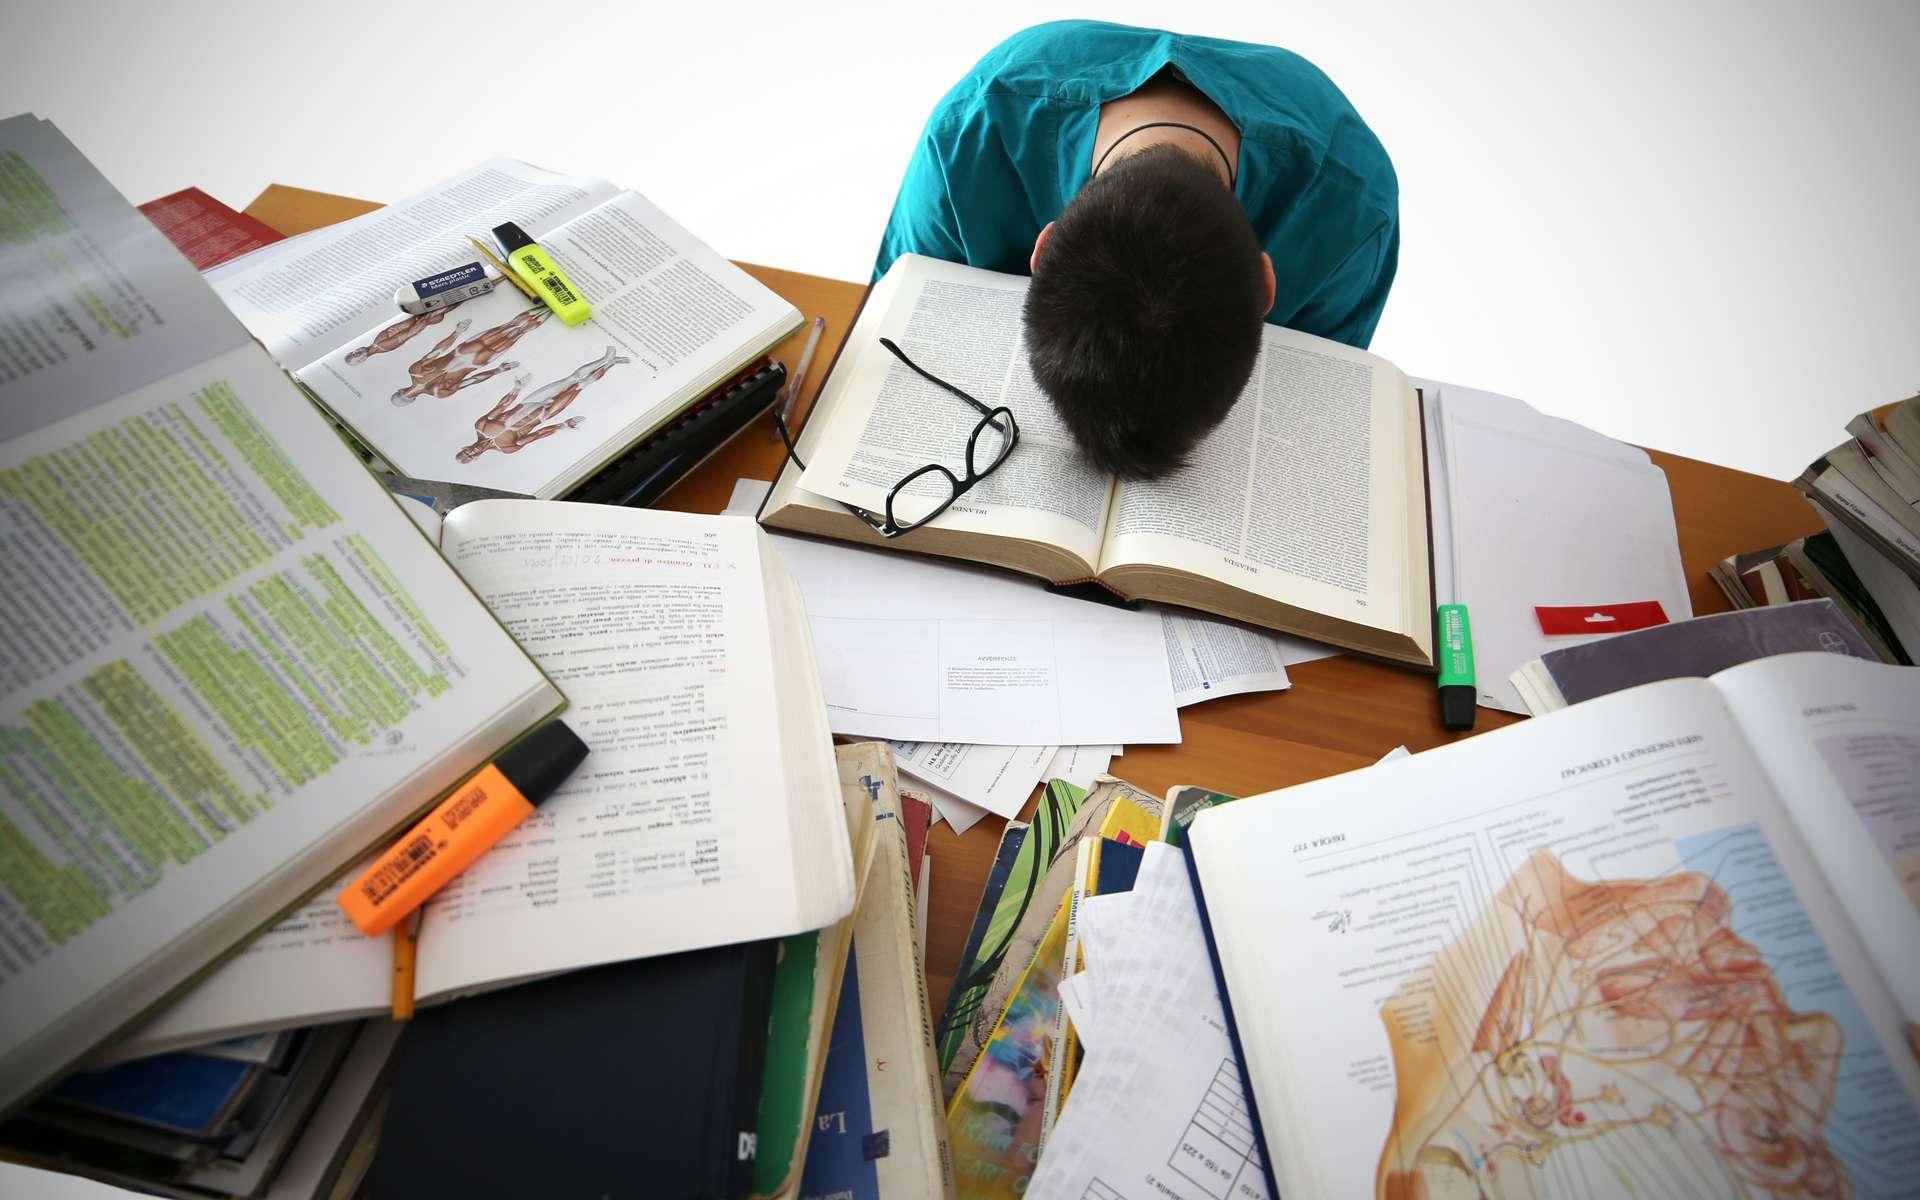 De nombreux doctorants présentent des symptômes de dépression. © REC and ROLL, Adobe Stock